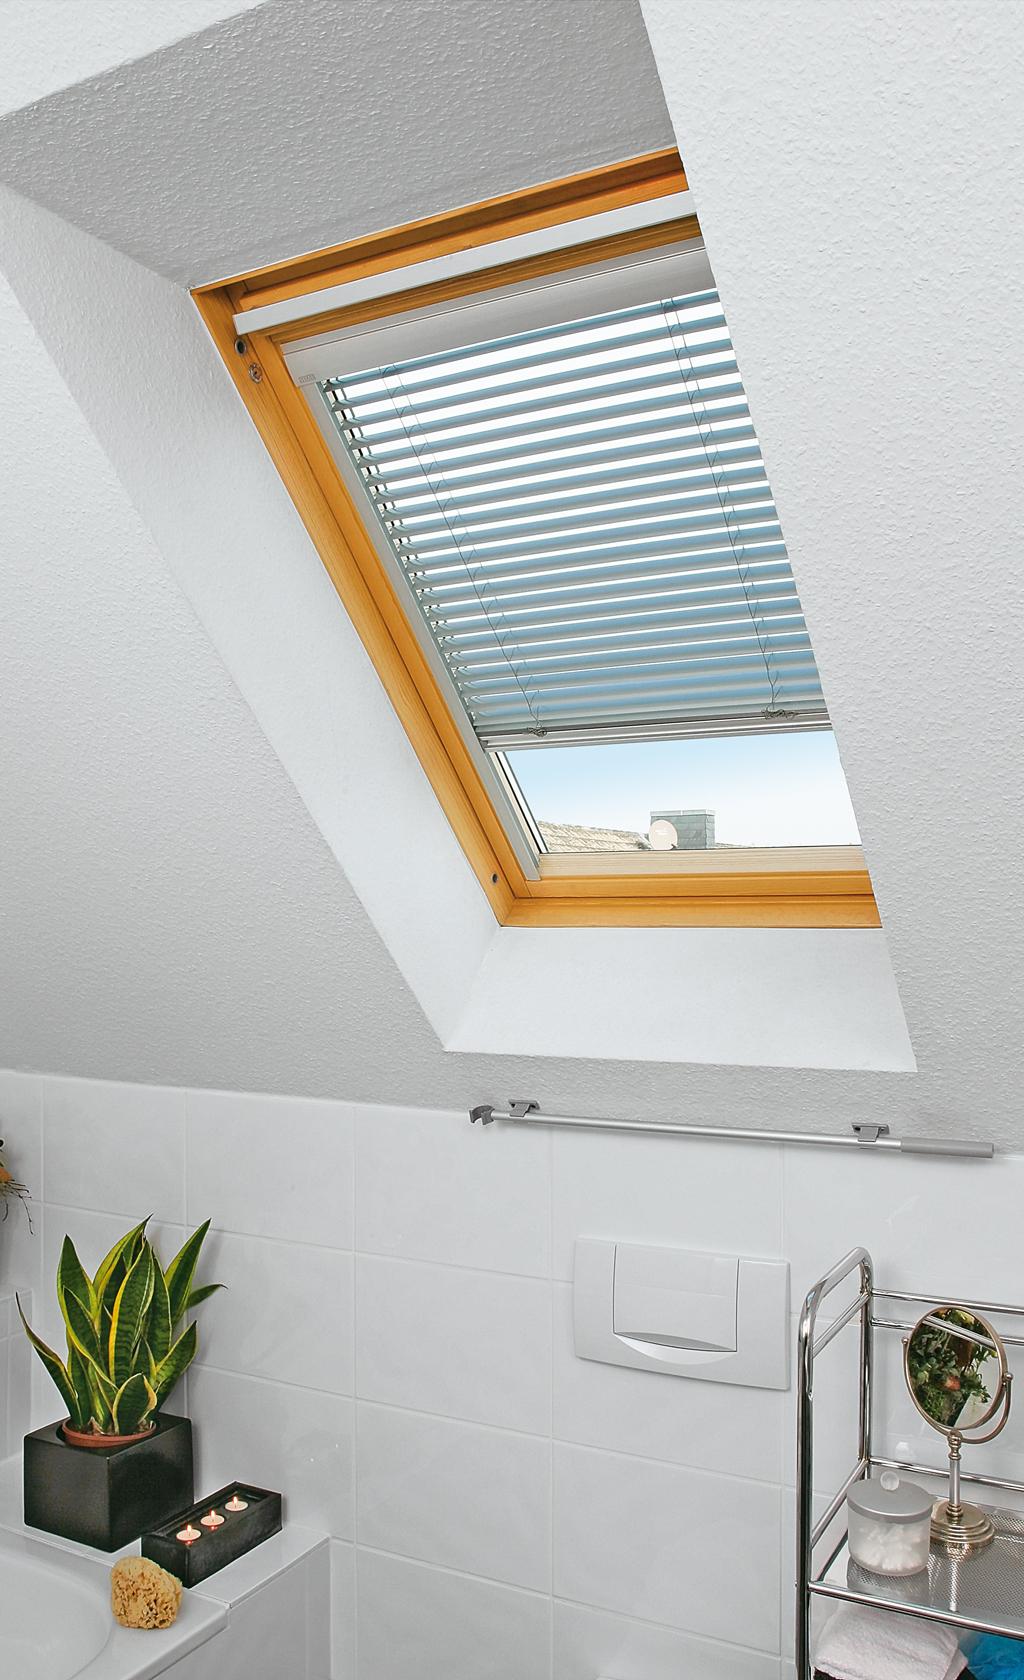 Dachfenster-Jalousie montieren